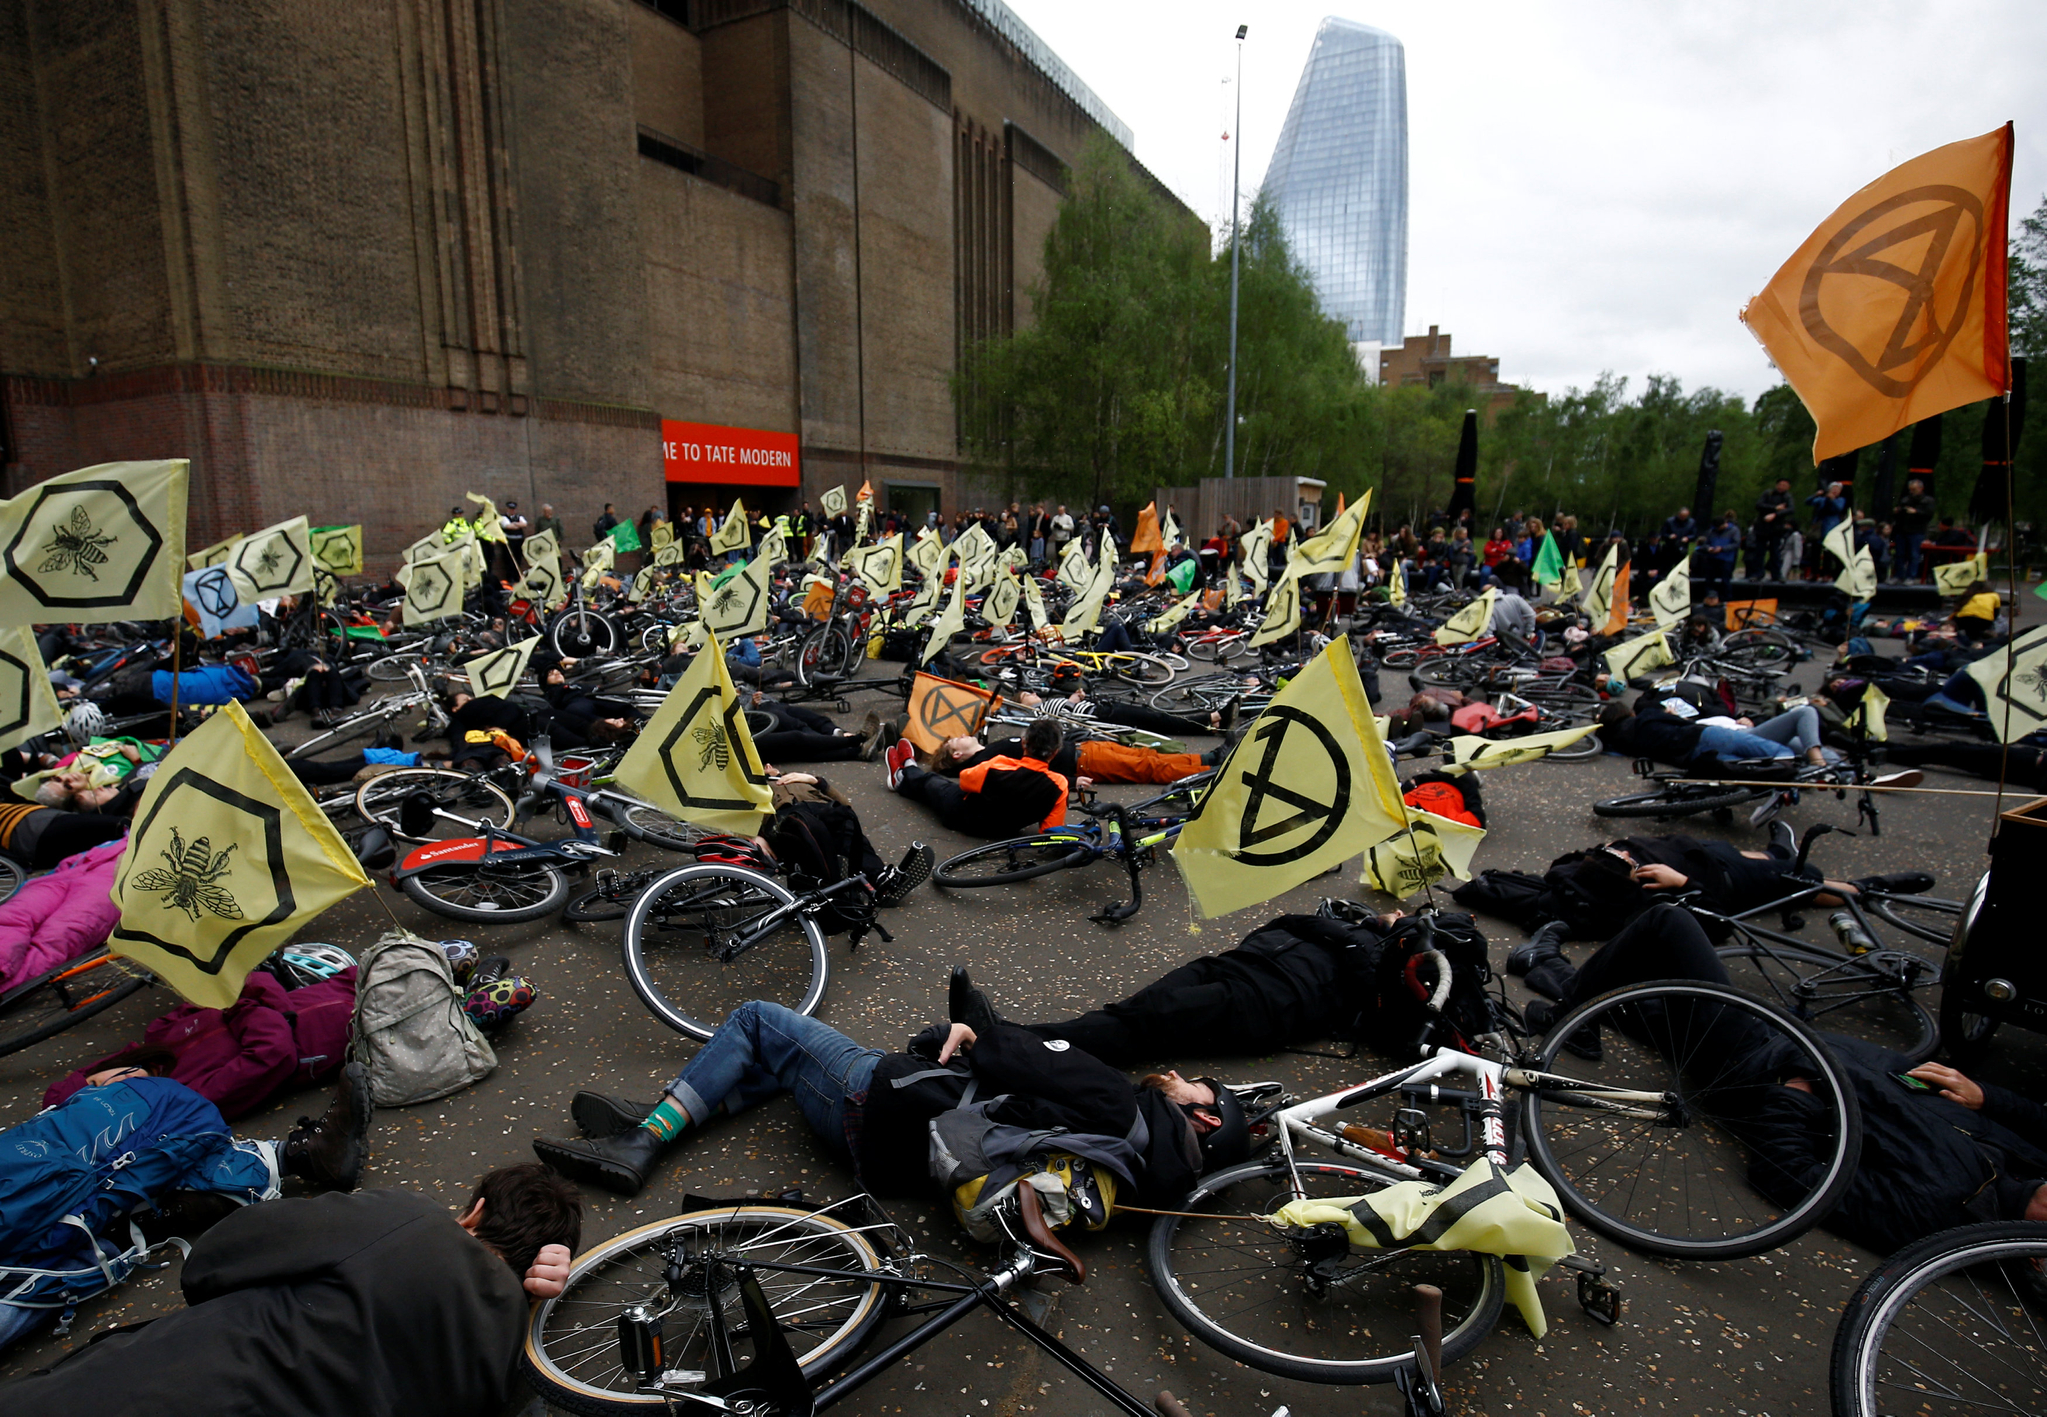 자전거 탄 시위대가 지난달 28일(현지시간) 영국의 런던 테이트 모던(Tate Modern)에서 열린 시위에 참여해 누워있다. [로이터=연합뉴스]